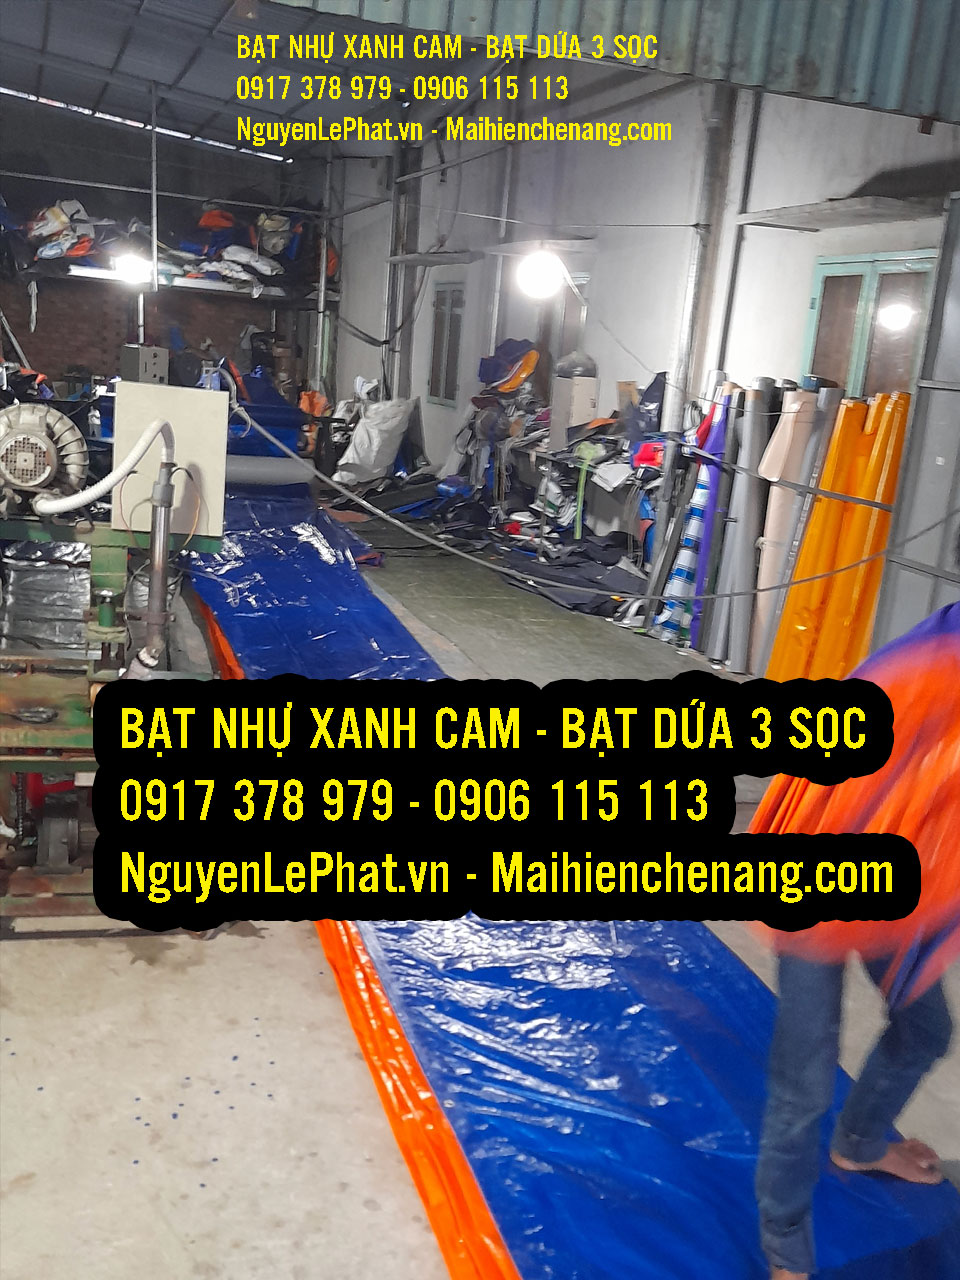 May bạt phủ theo yêu cầu giá rẻ tại khu vực Hà Nội